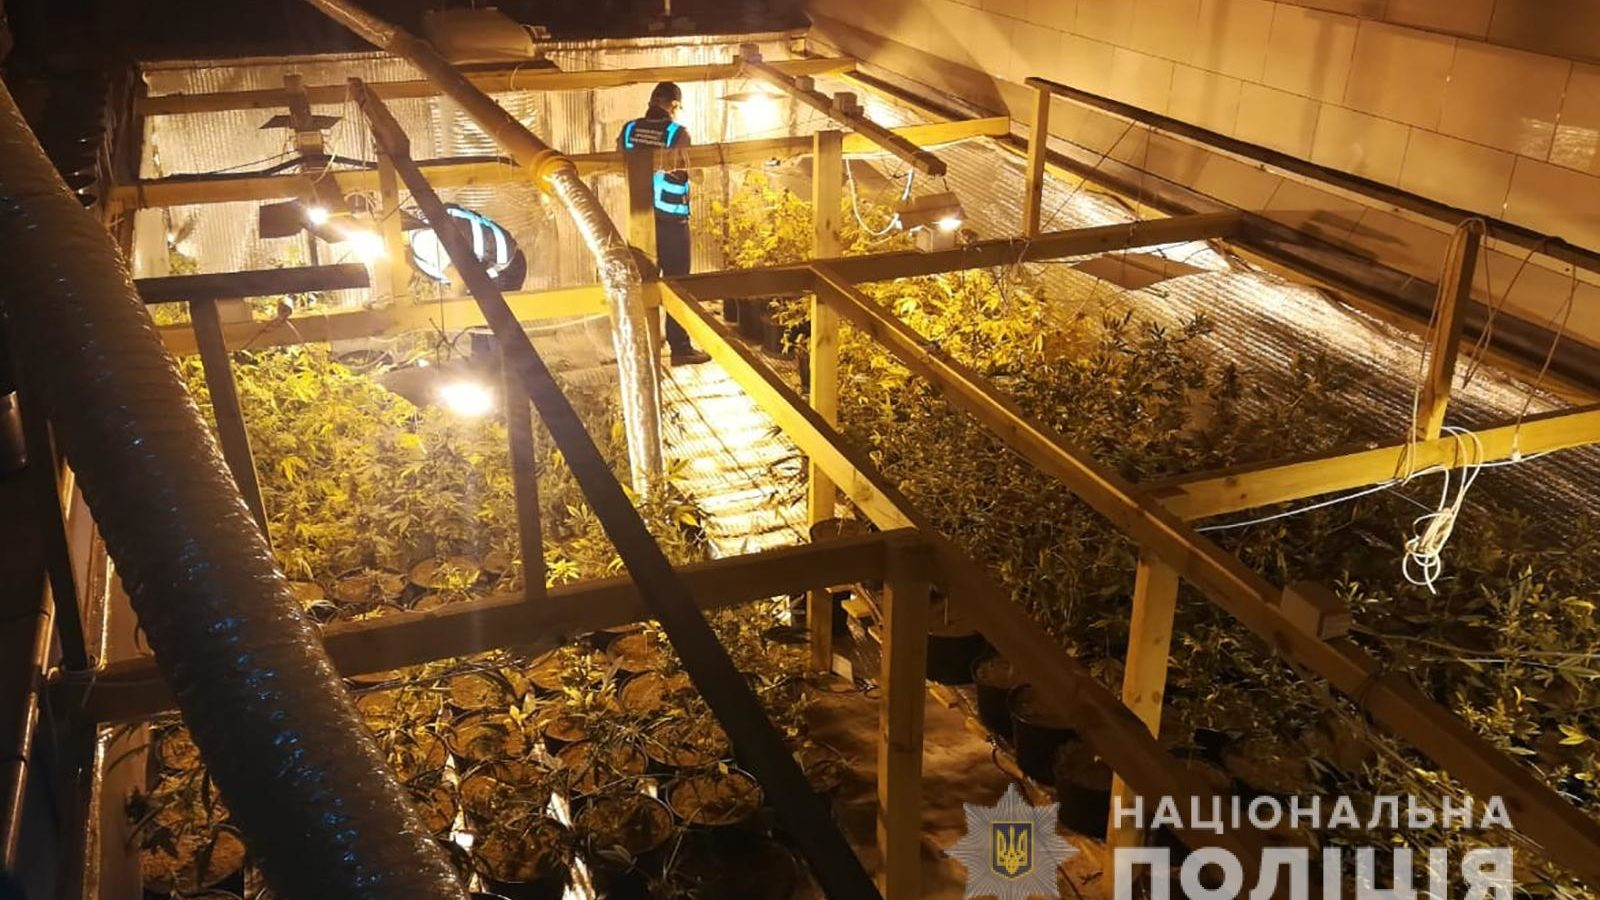 Житель Запорожской области вырастил у себя во дворе плантацию марихуаны, – ФОТО